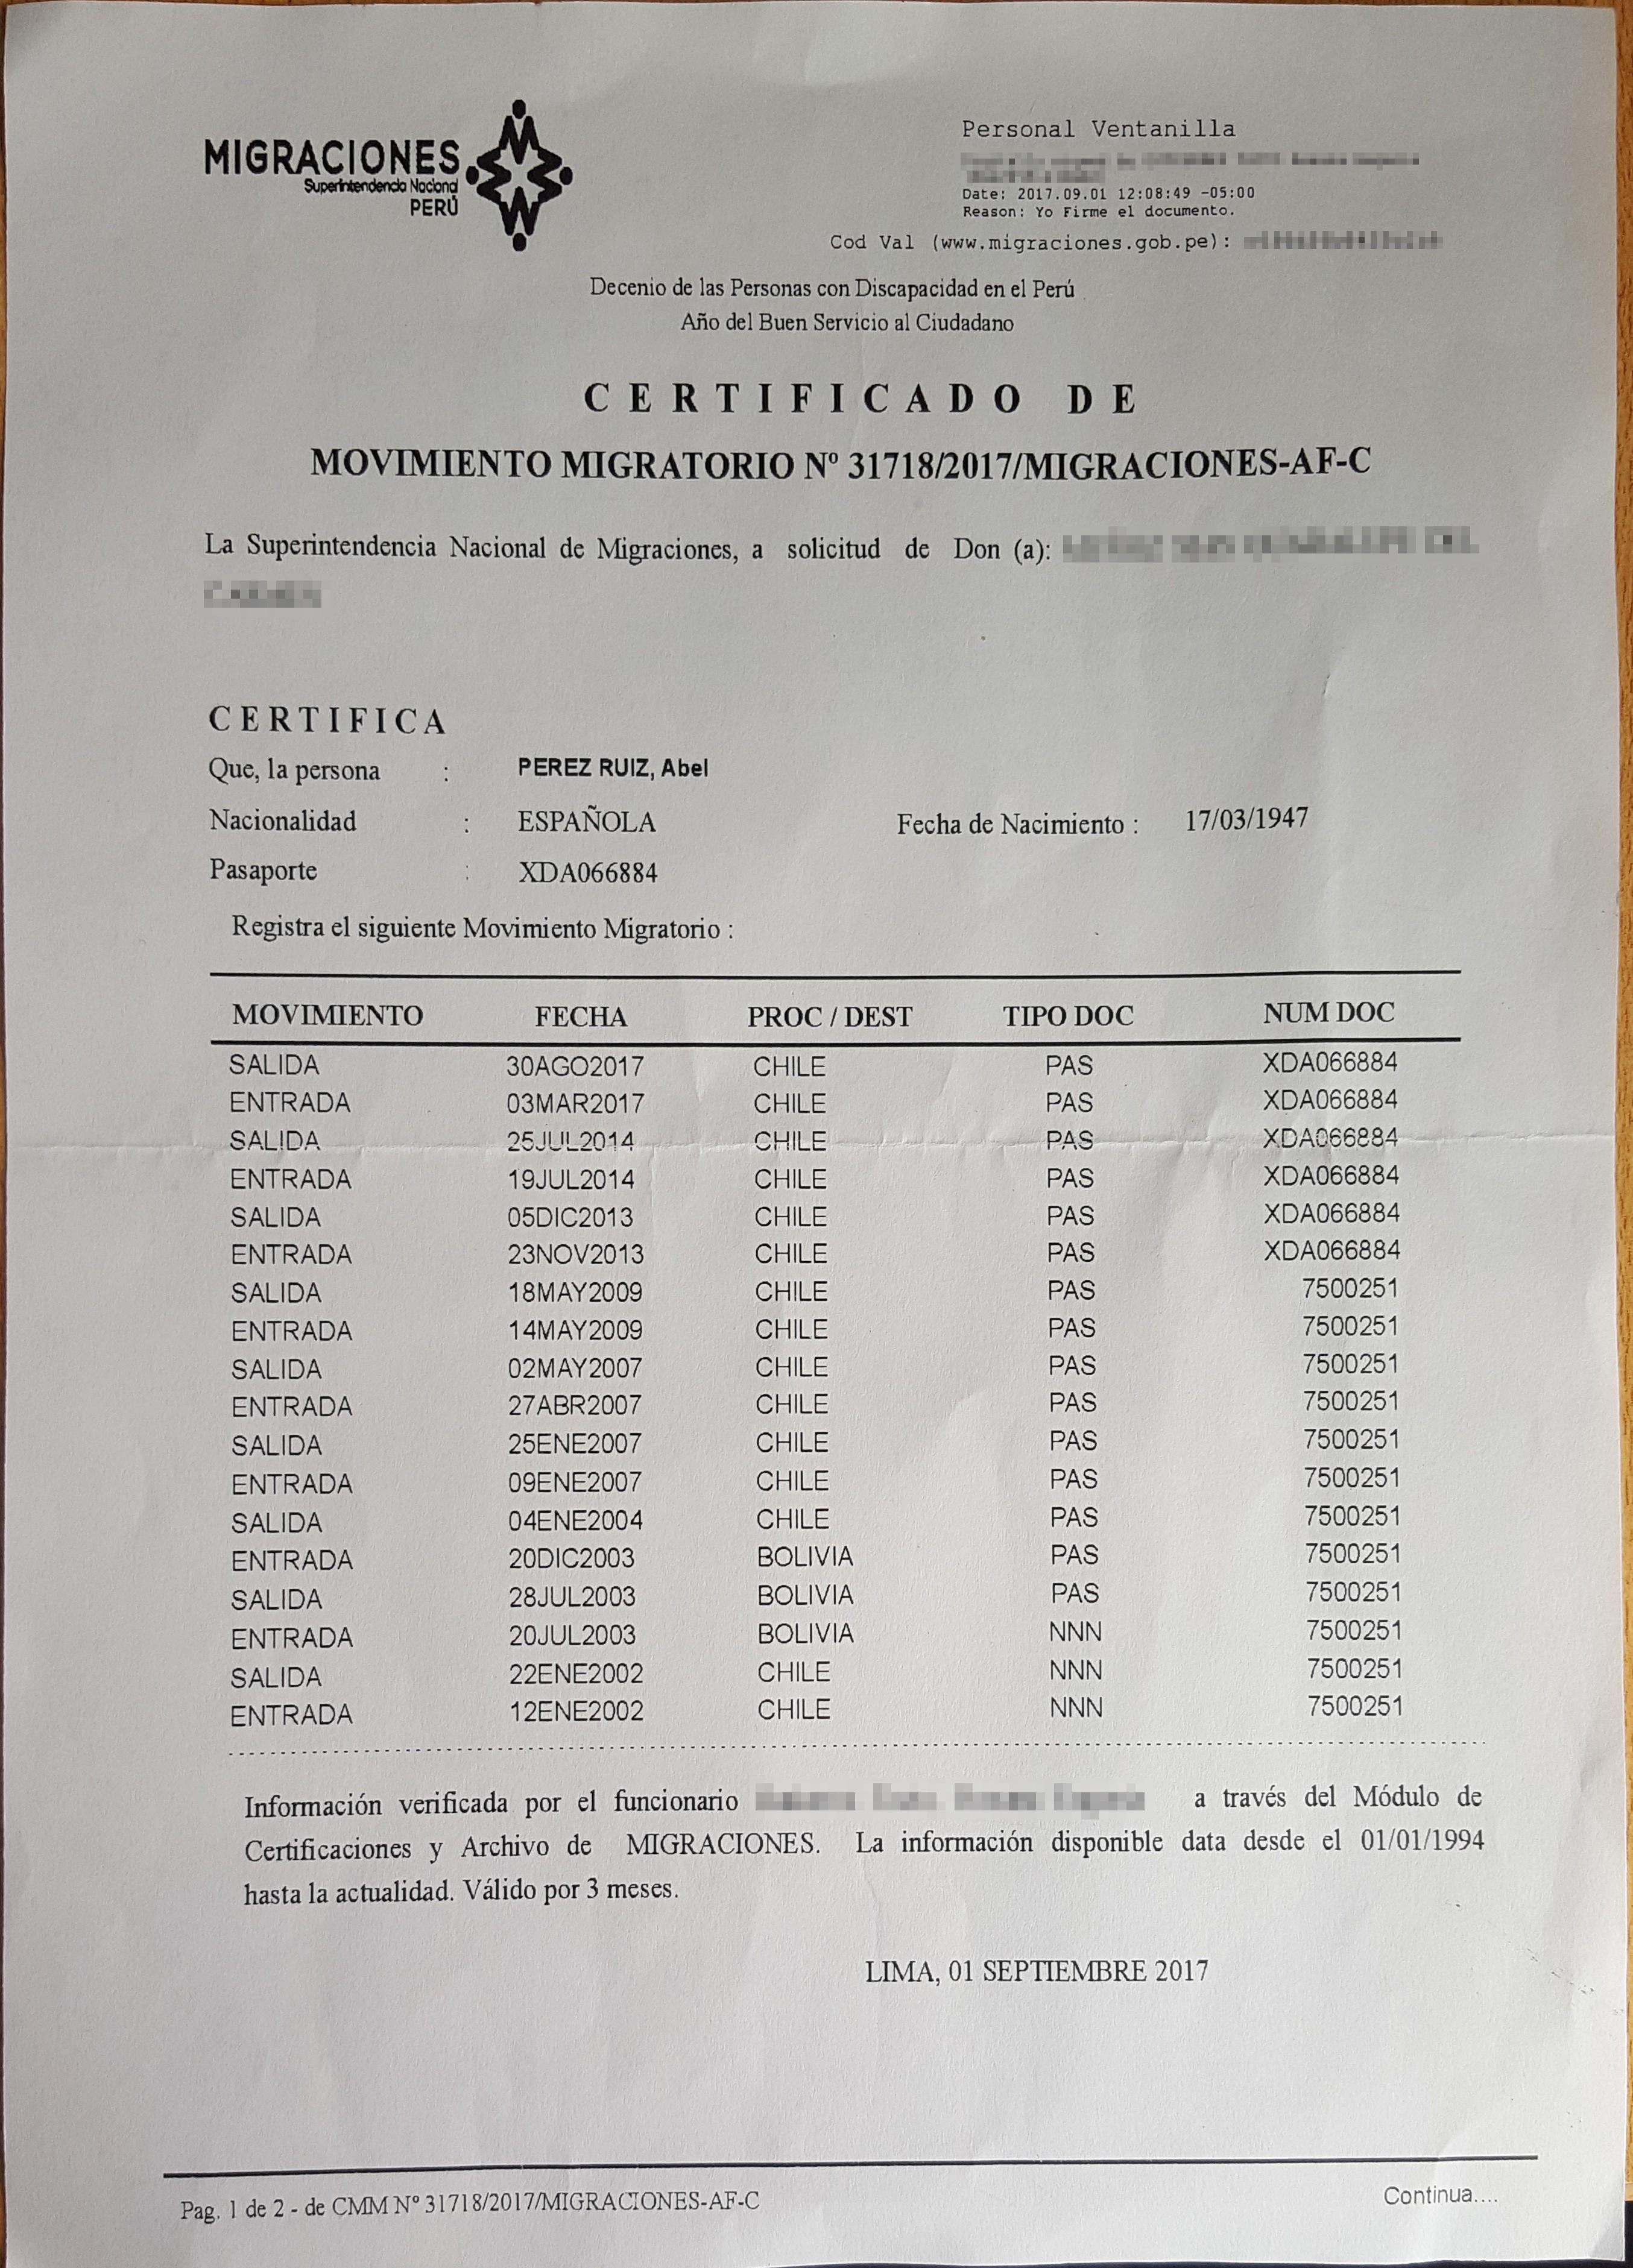 En este certificado quedan de manifiesto las entradas y salidas de Perú del hermano Abel Perez.